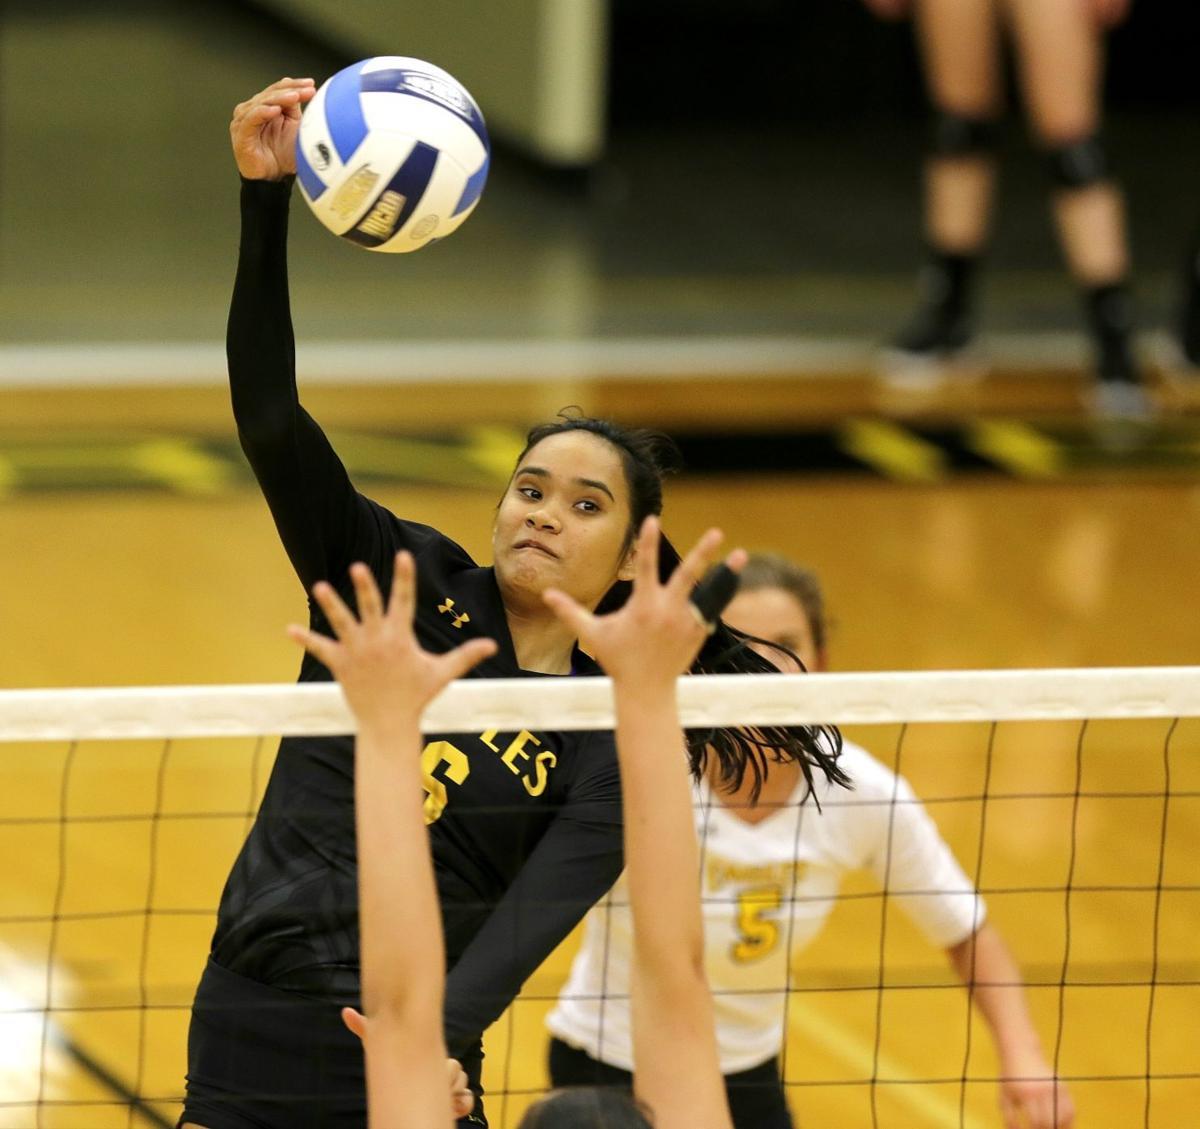 CSI volleyball vs. Monroe college